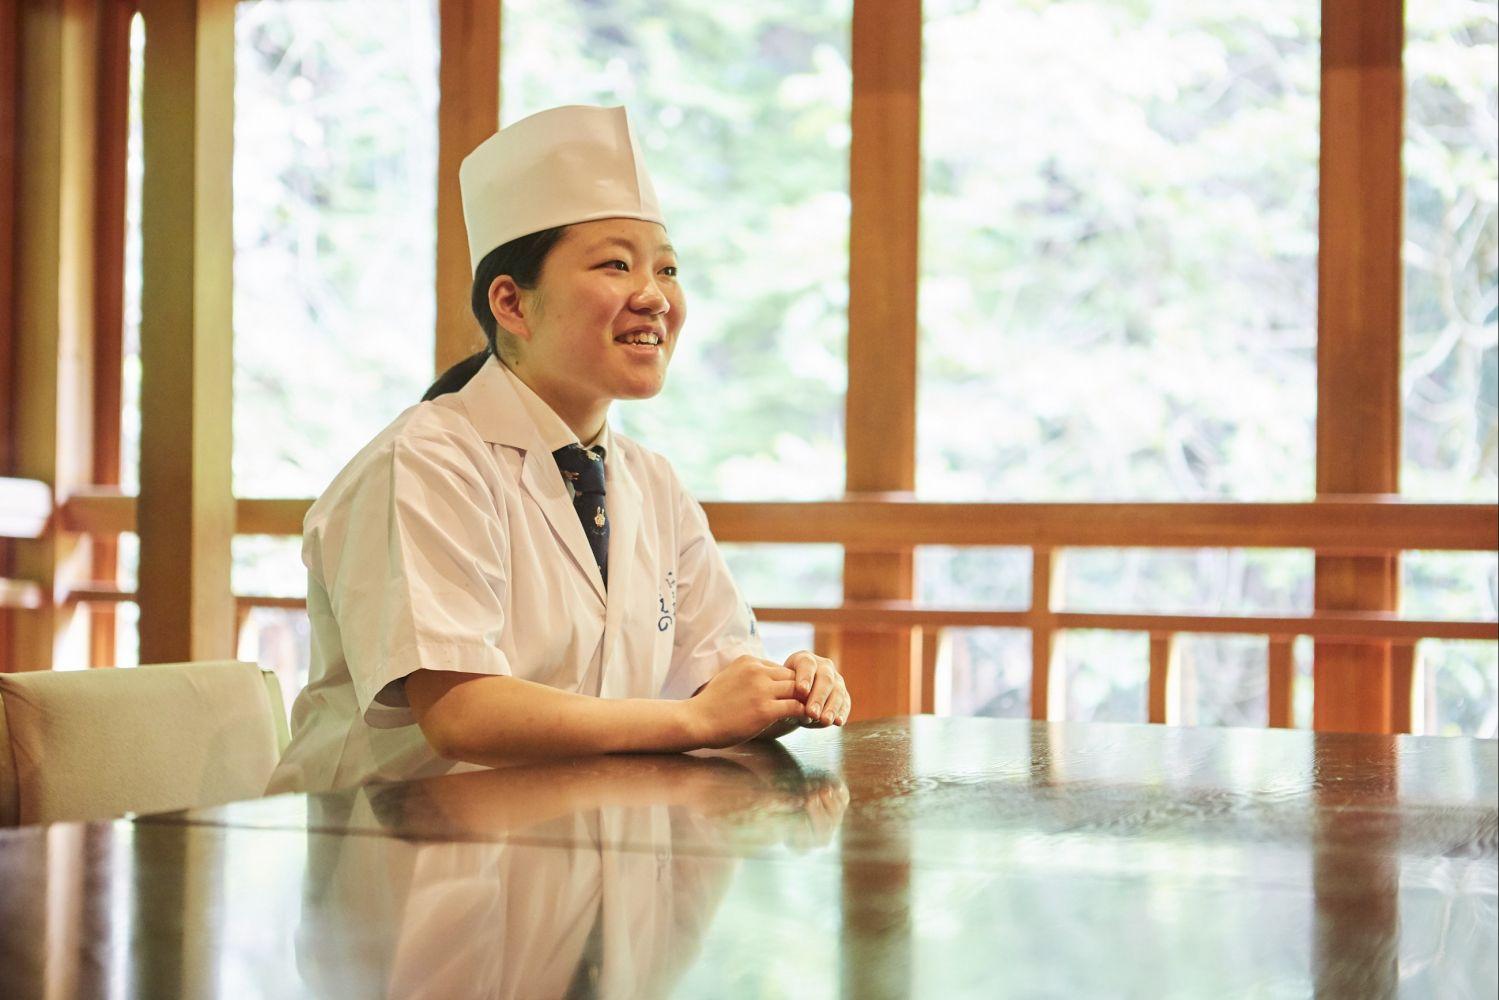 出島光25歳でミシュラン店(一汁二菜うえの)料理長!?場所やどんな経歴?年収や結婚してるの?【セブンルール】